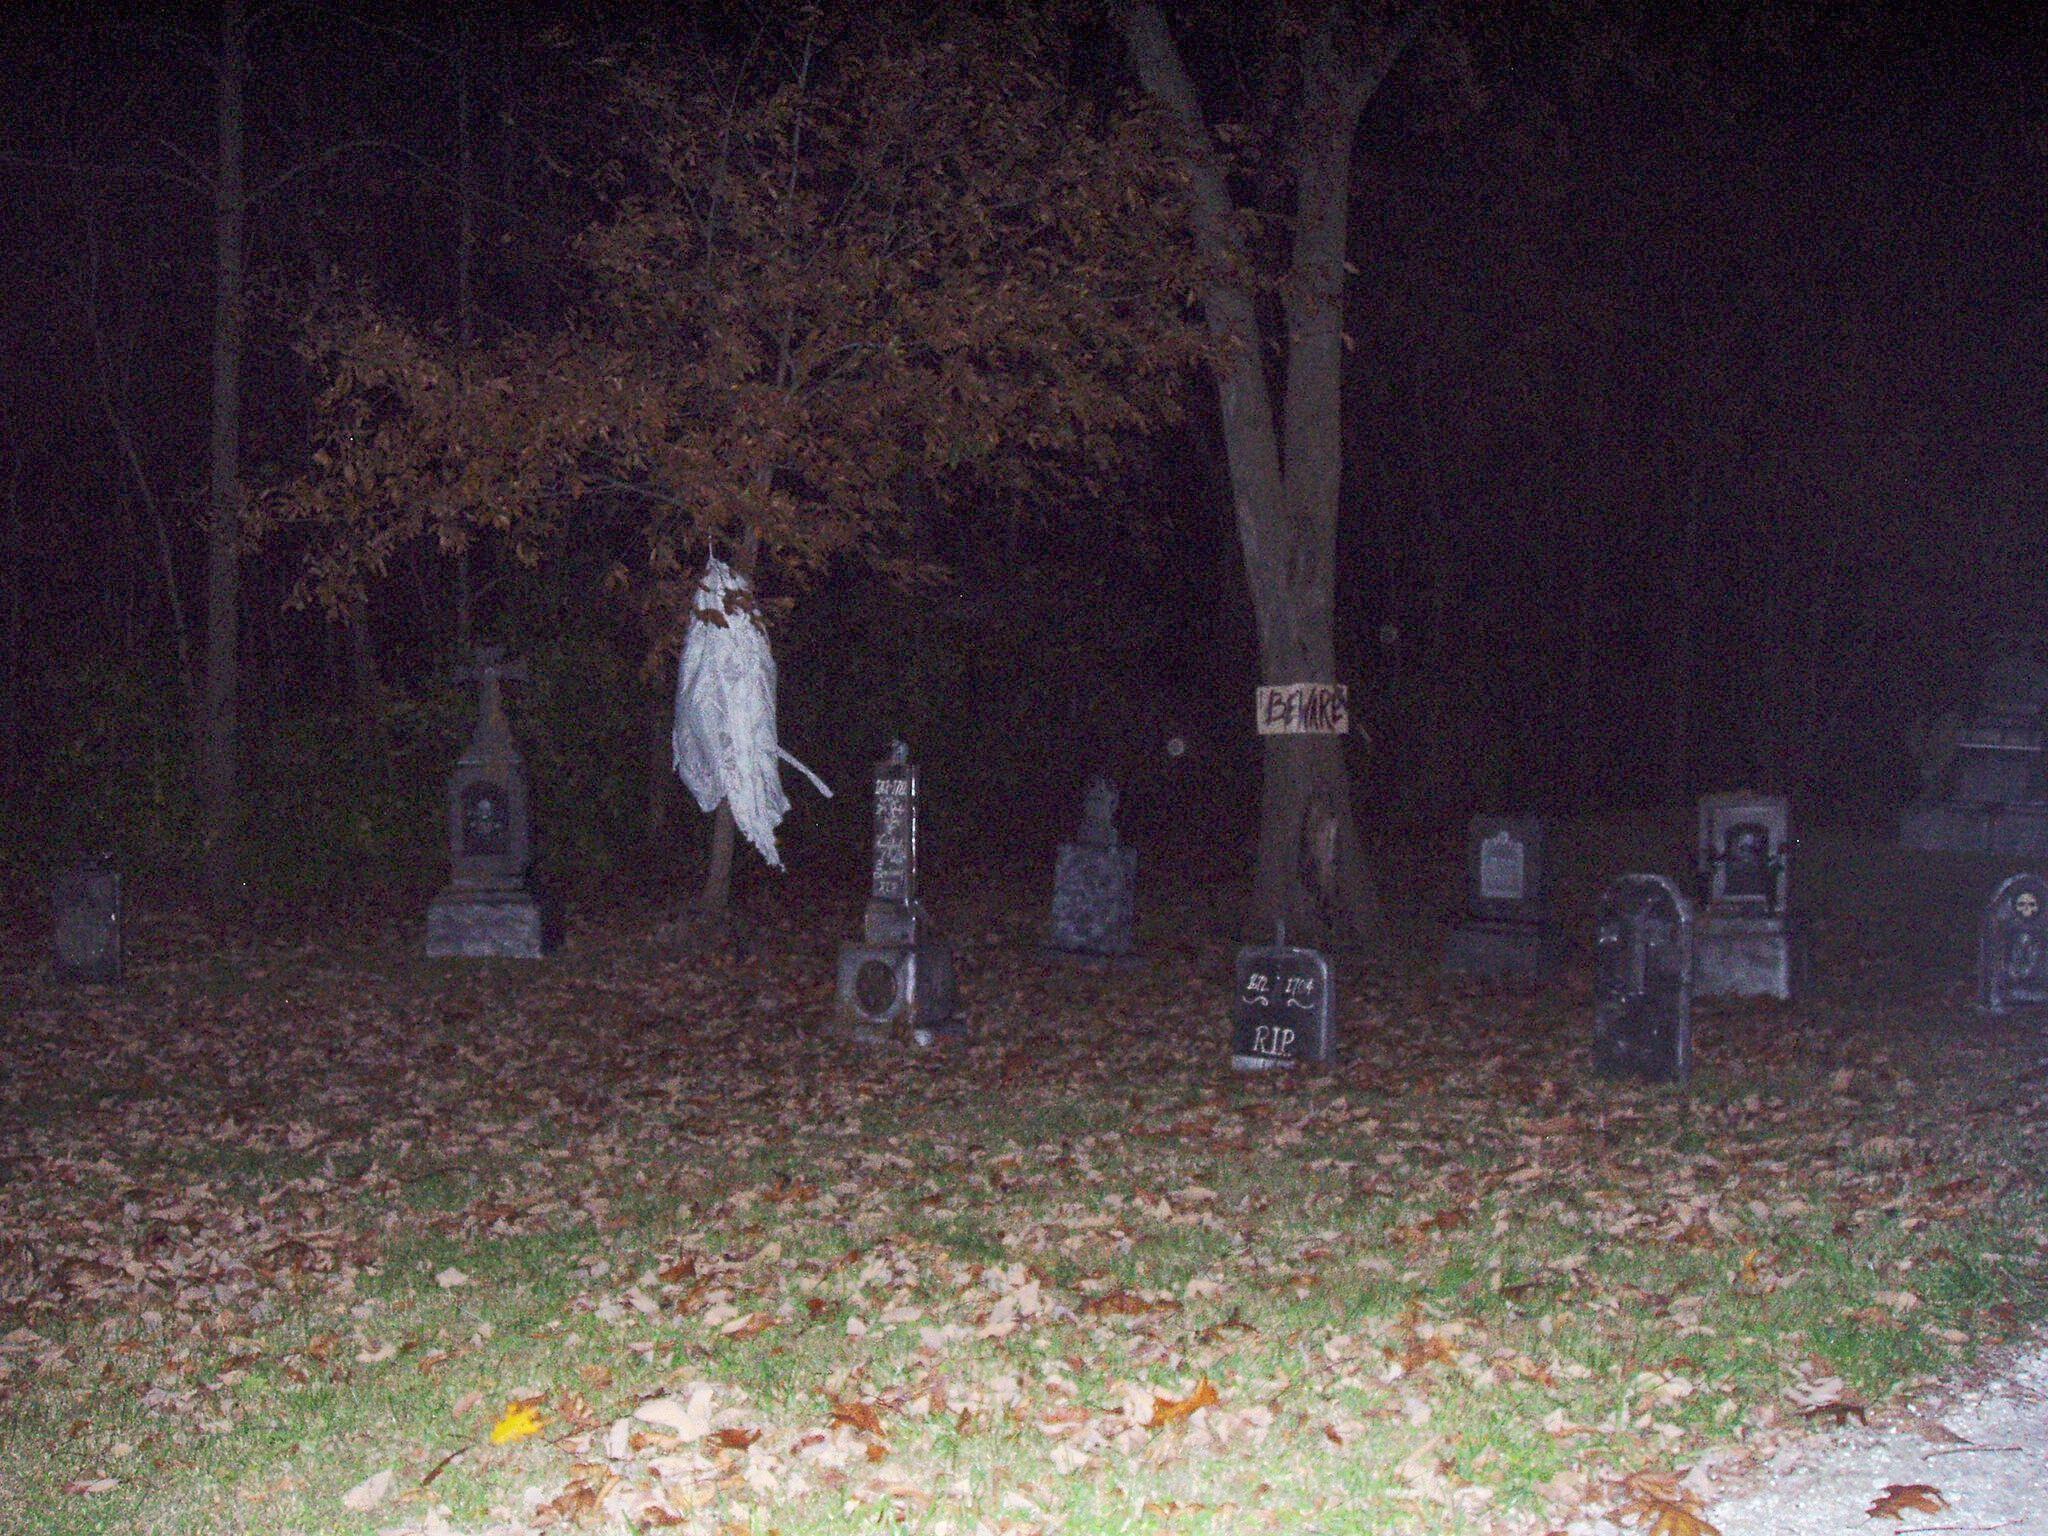 кадры призраки картинки с призраками поют песни, когда